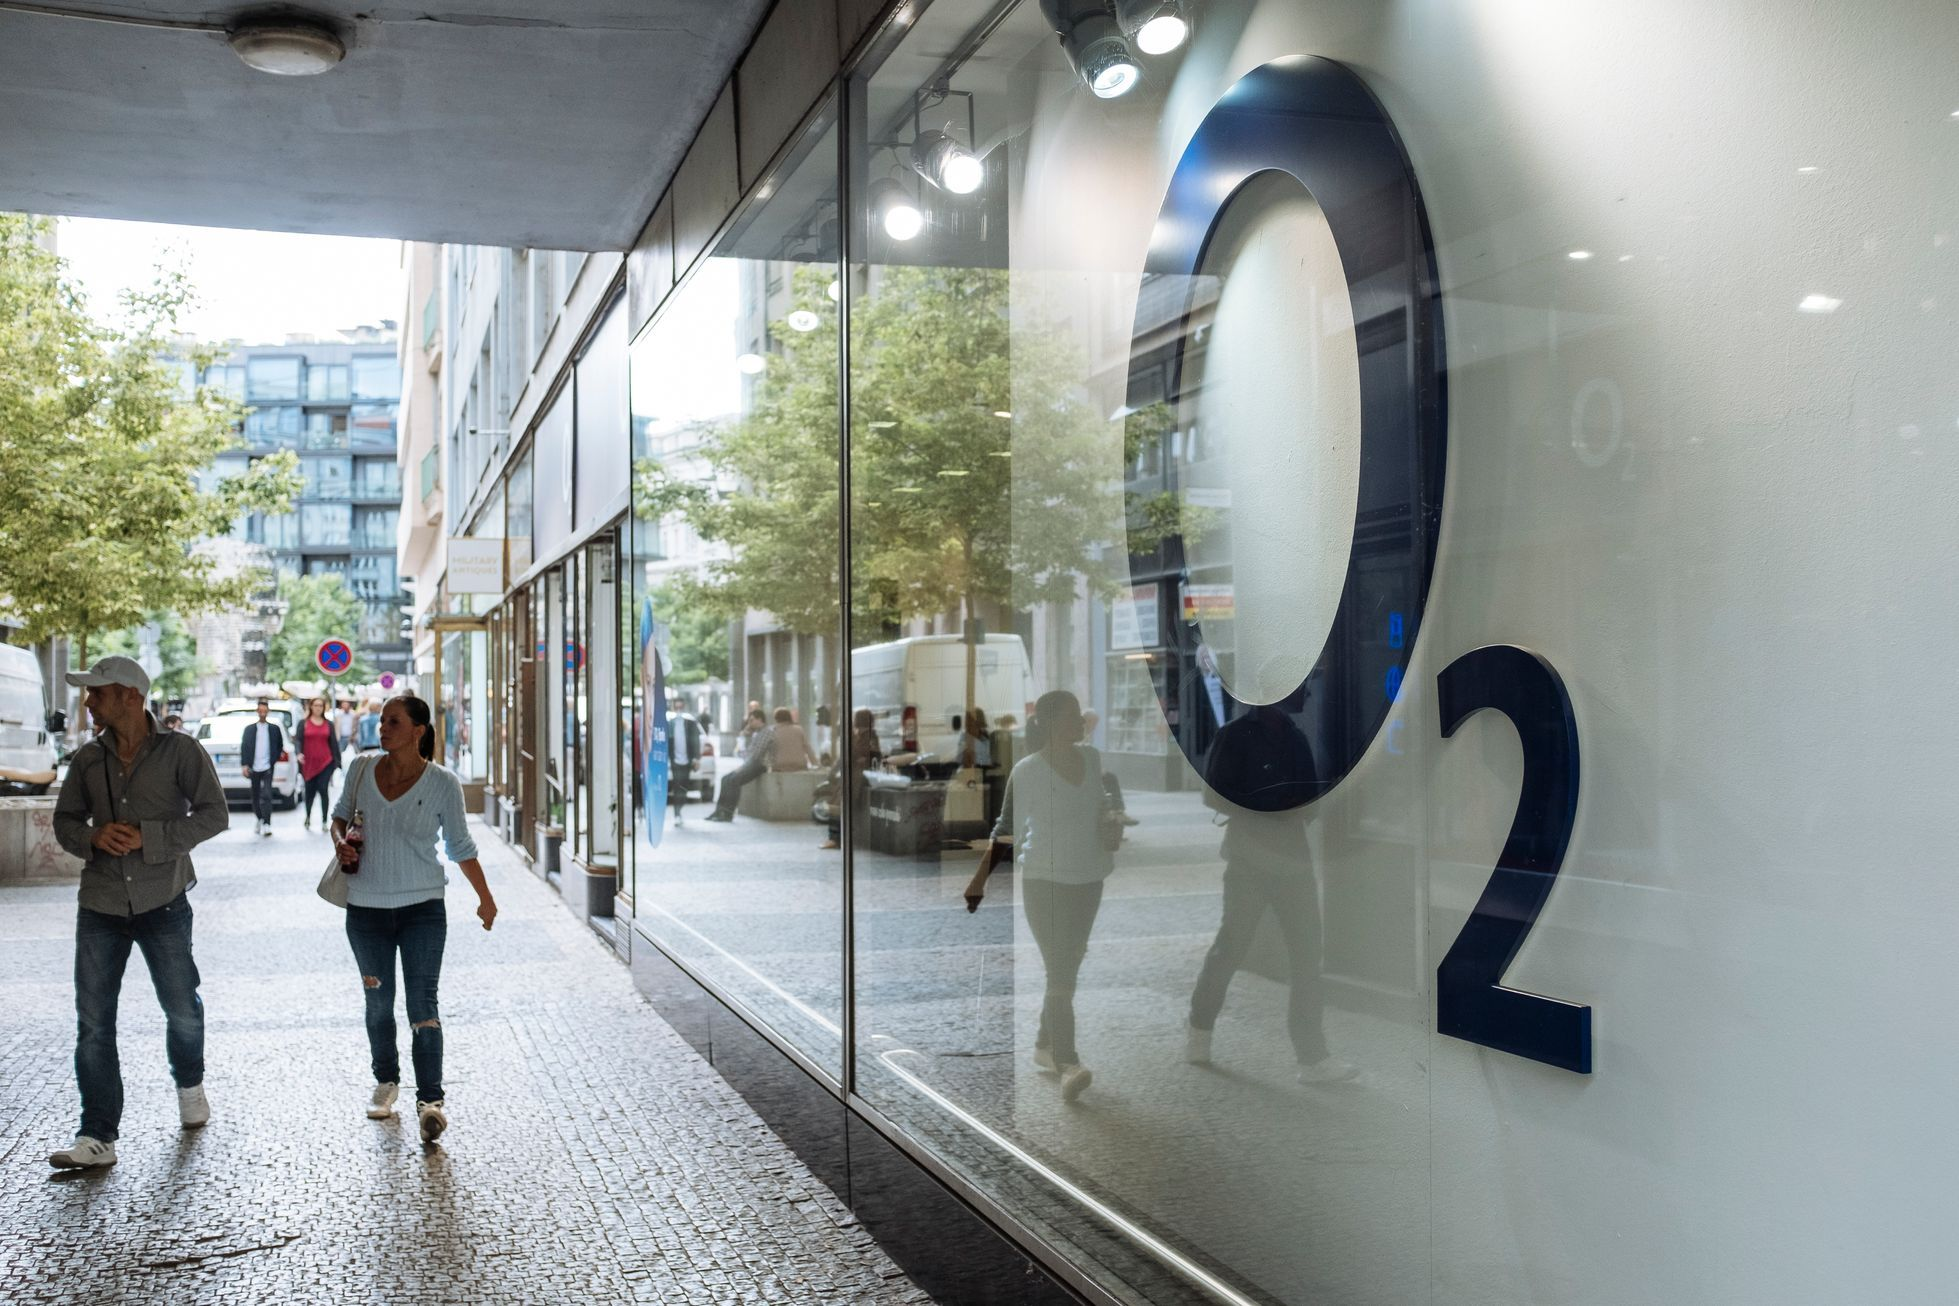 PPF získala v operátorovi O2 podíl přes 90 procent. Chce stáhnout jeho akcie z burzy